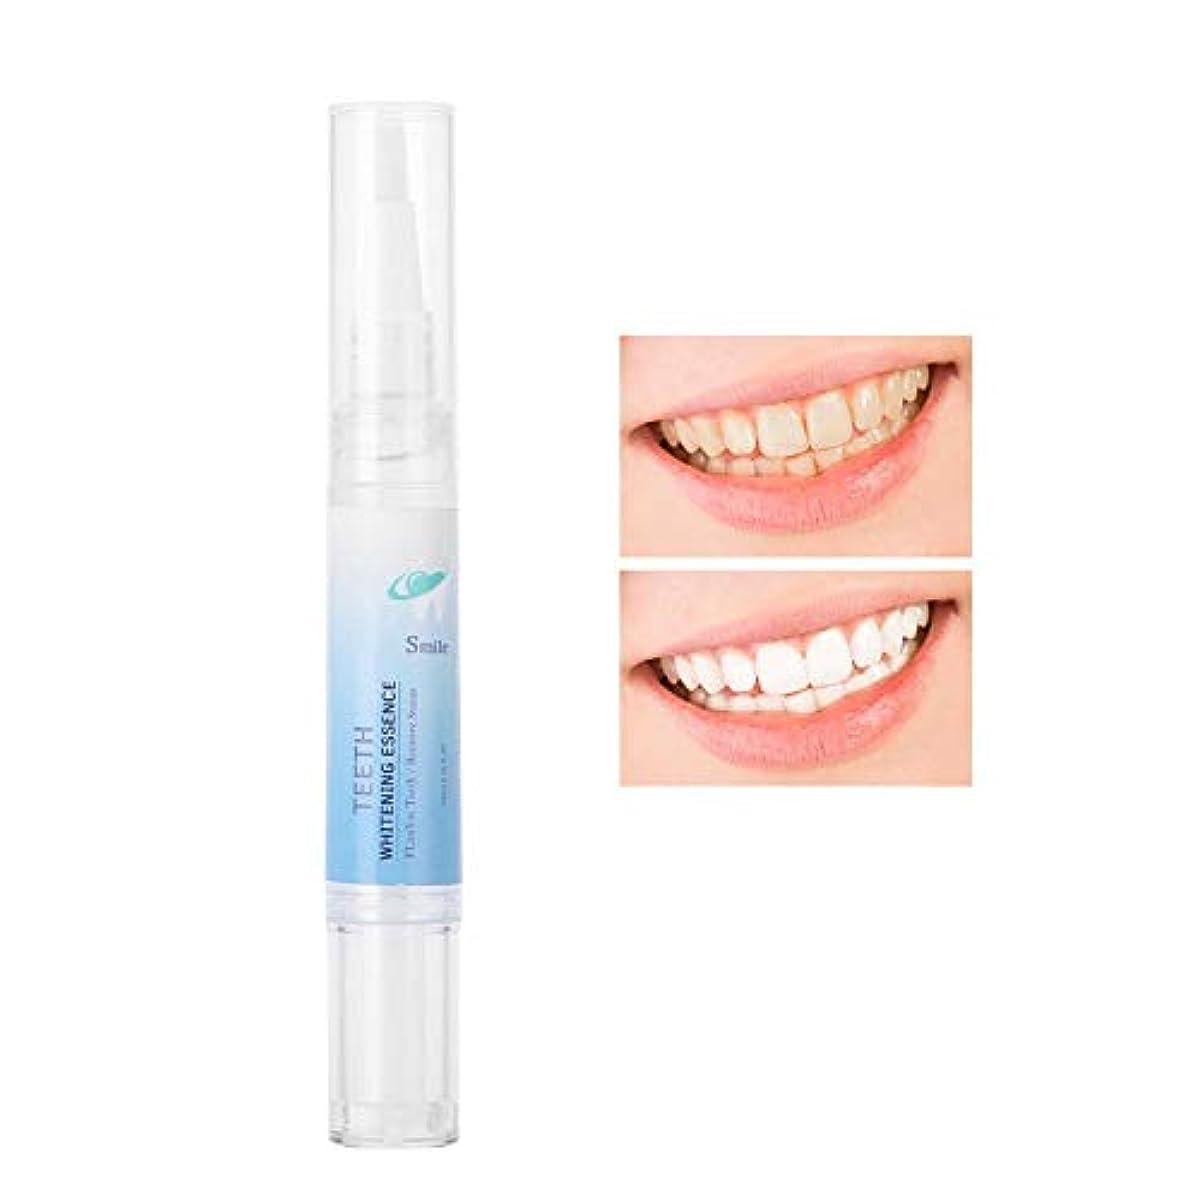 超える垂直マウント歯ホワイトニングペン 歯汚れのリムーバー 歯を白くする美白歯磨き